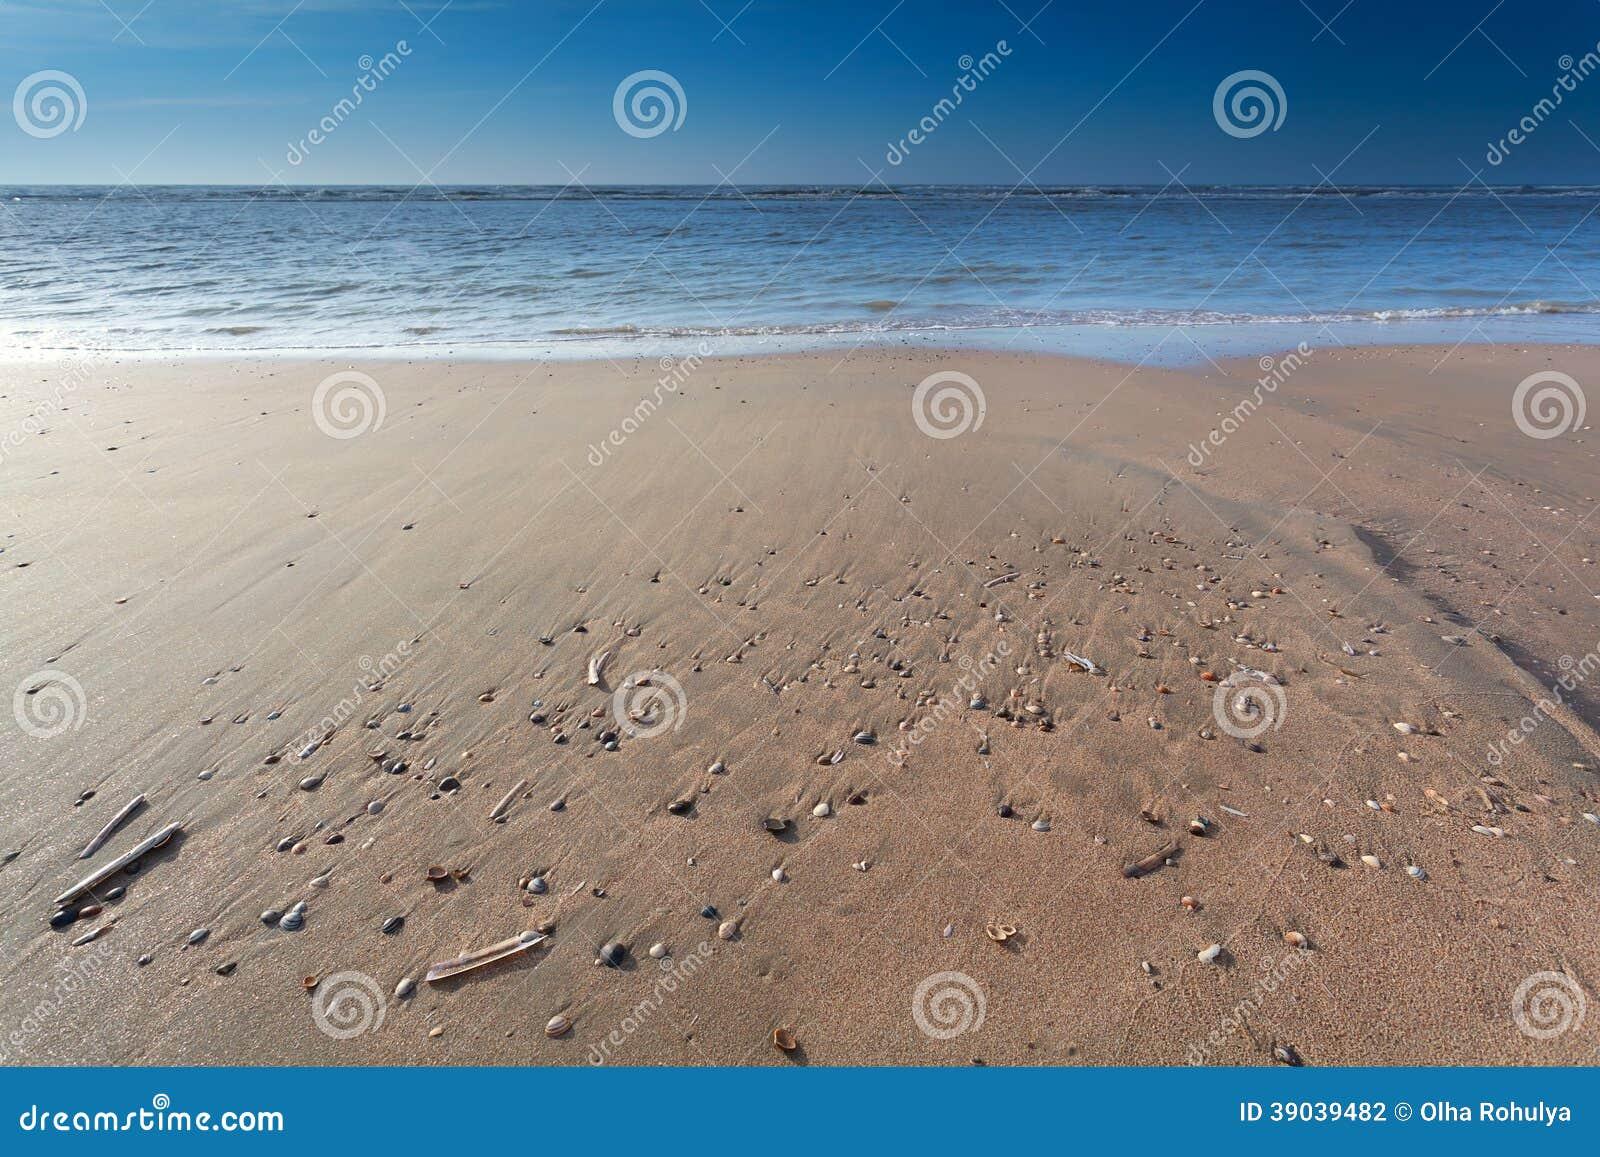 Praia da areia no Mar do Norte na maré baixa